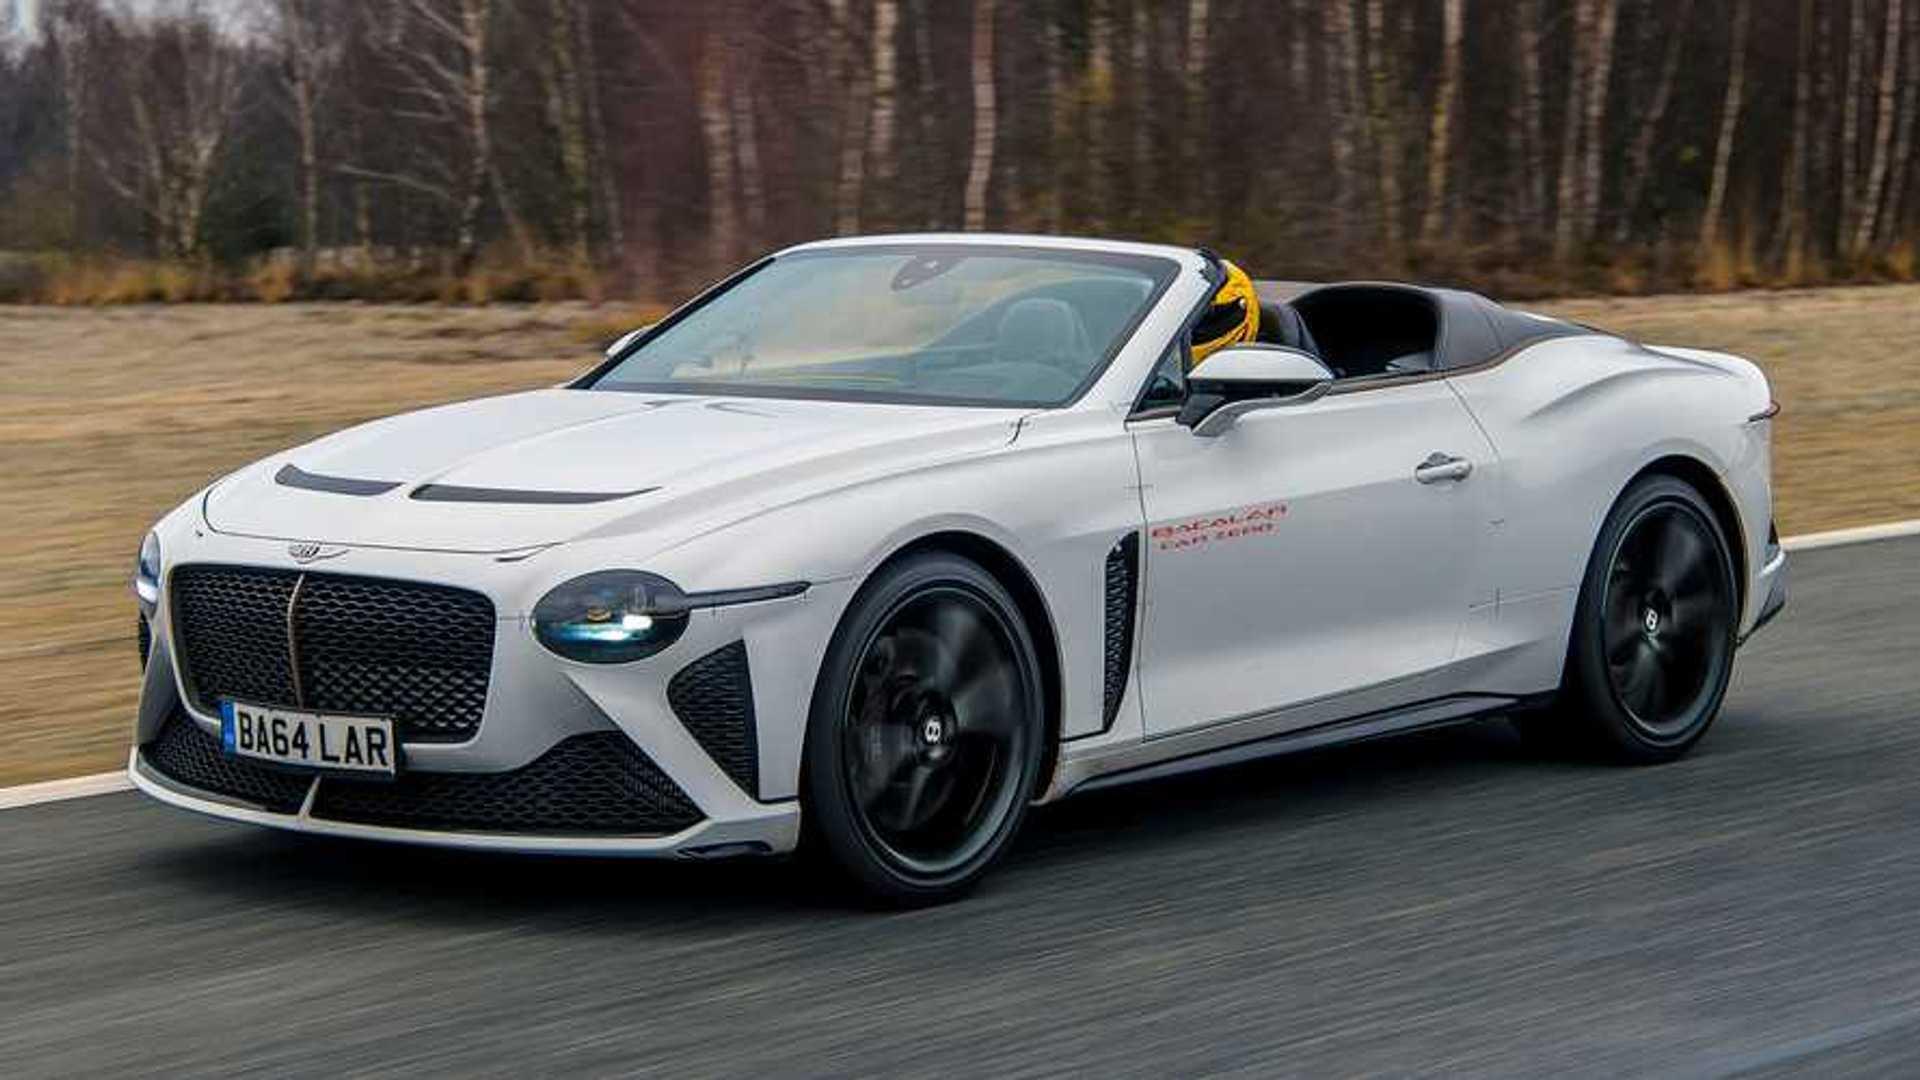 Bentley Bacalar Testa Prototipo Que Chega A 322 Km H